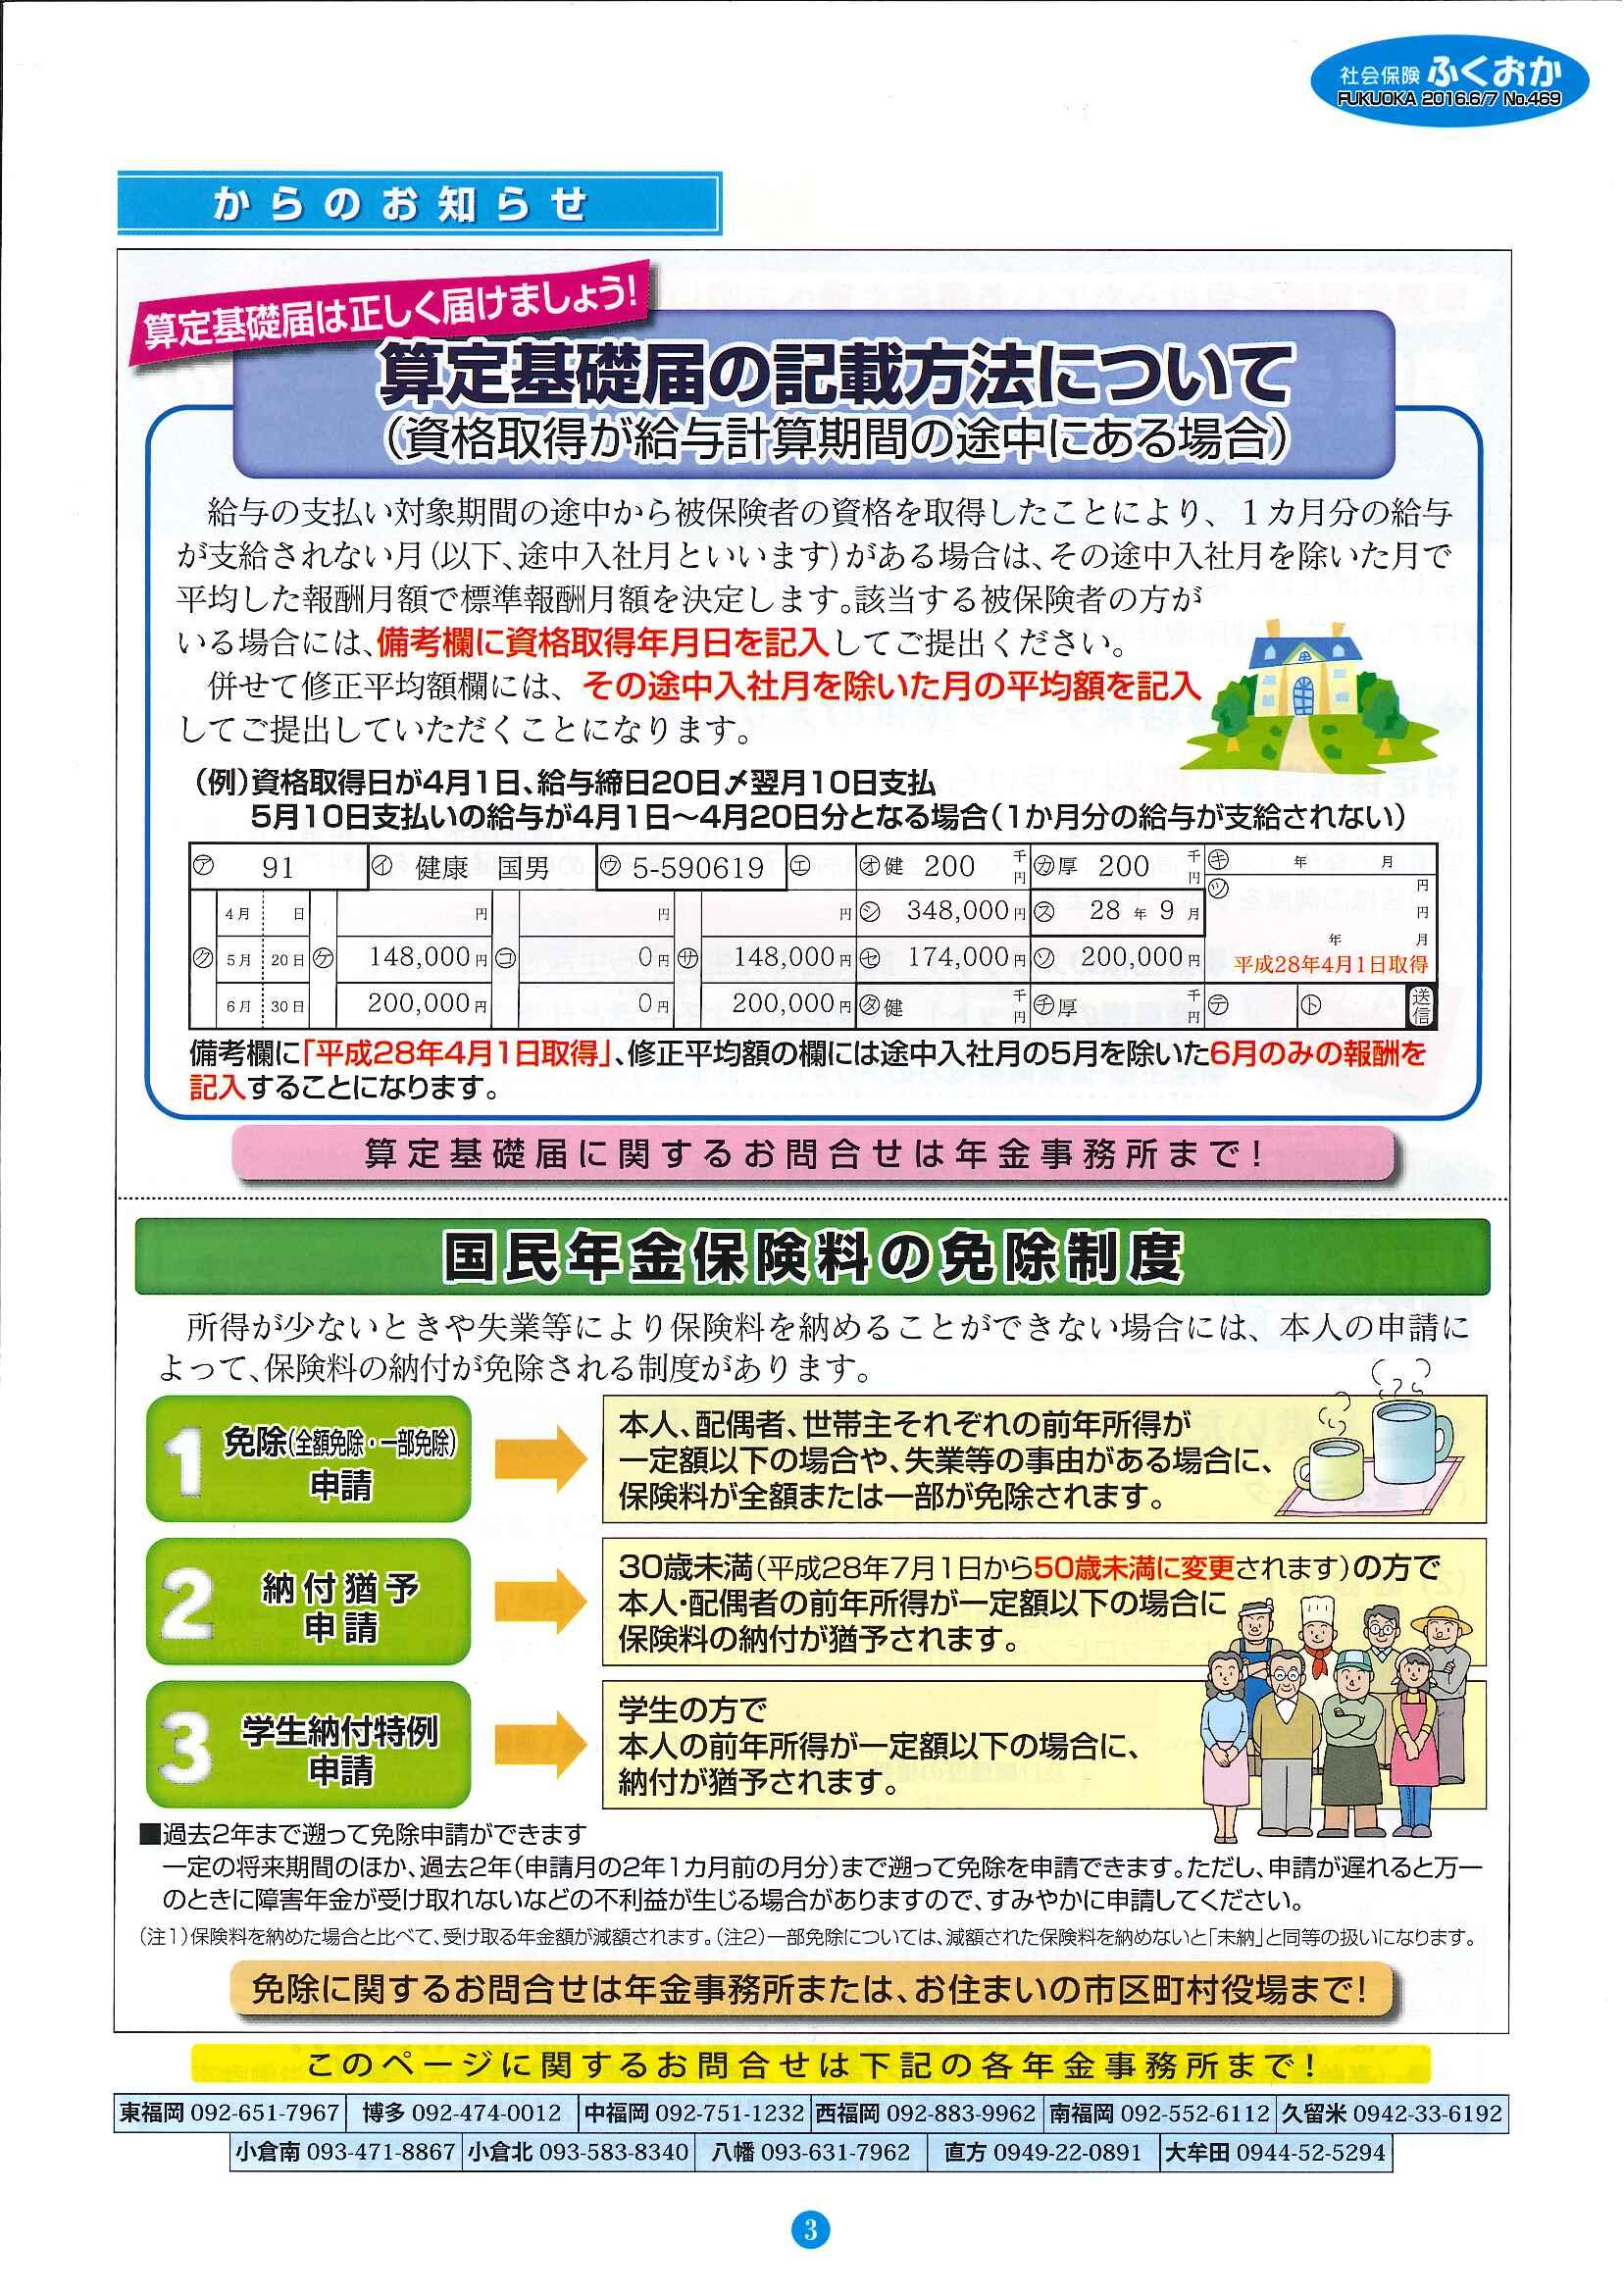 社会保険 ふくおか 2016年6・7月号_f0120774_15381342.jpg